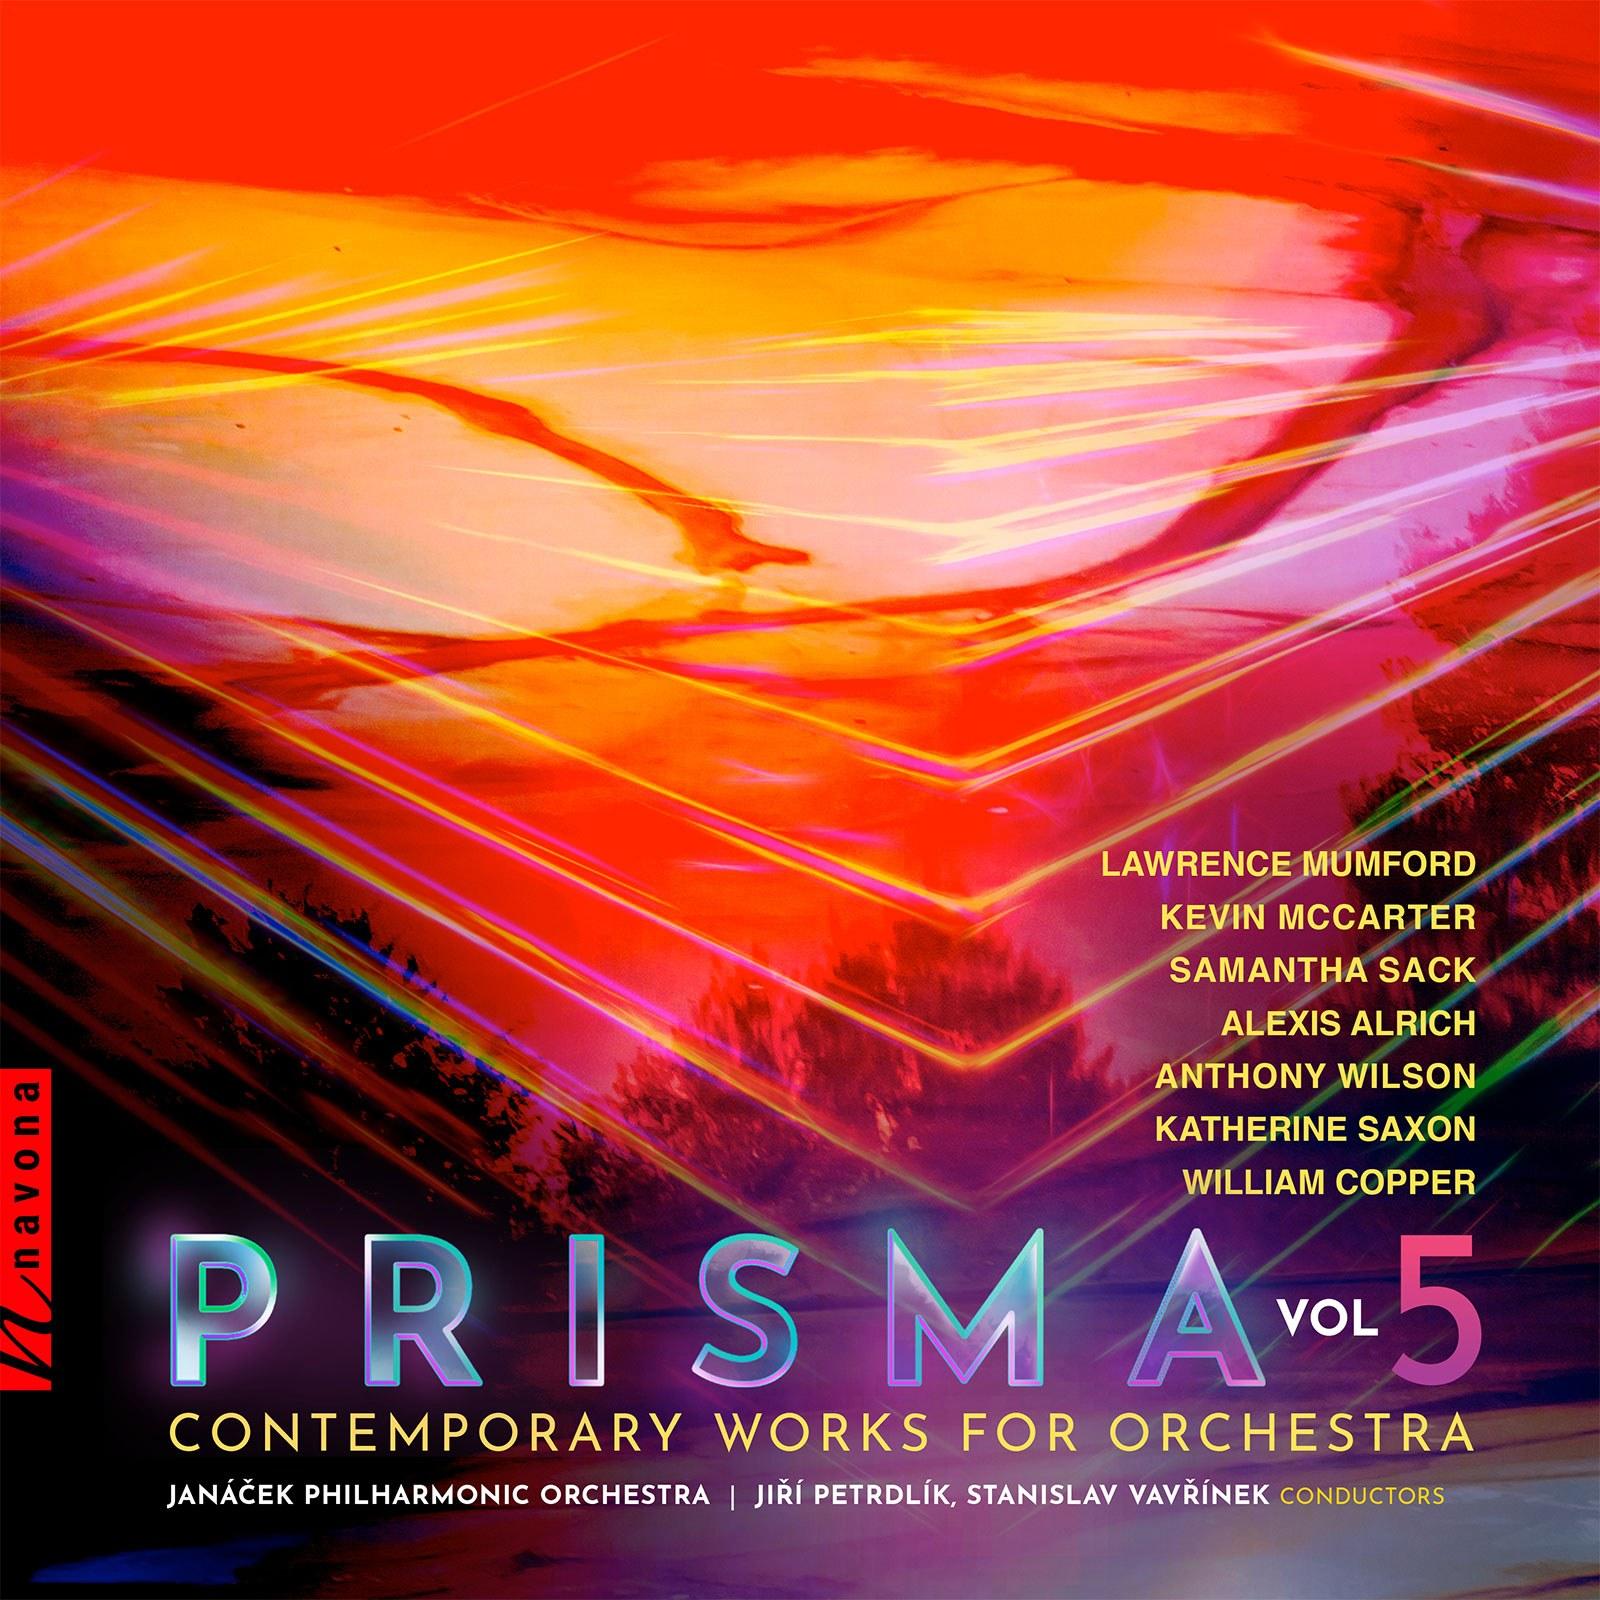 PRISMA Vol. 5 - album cover